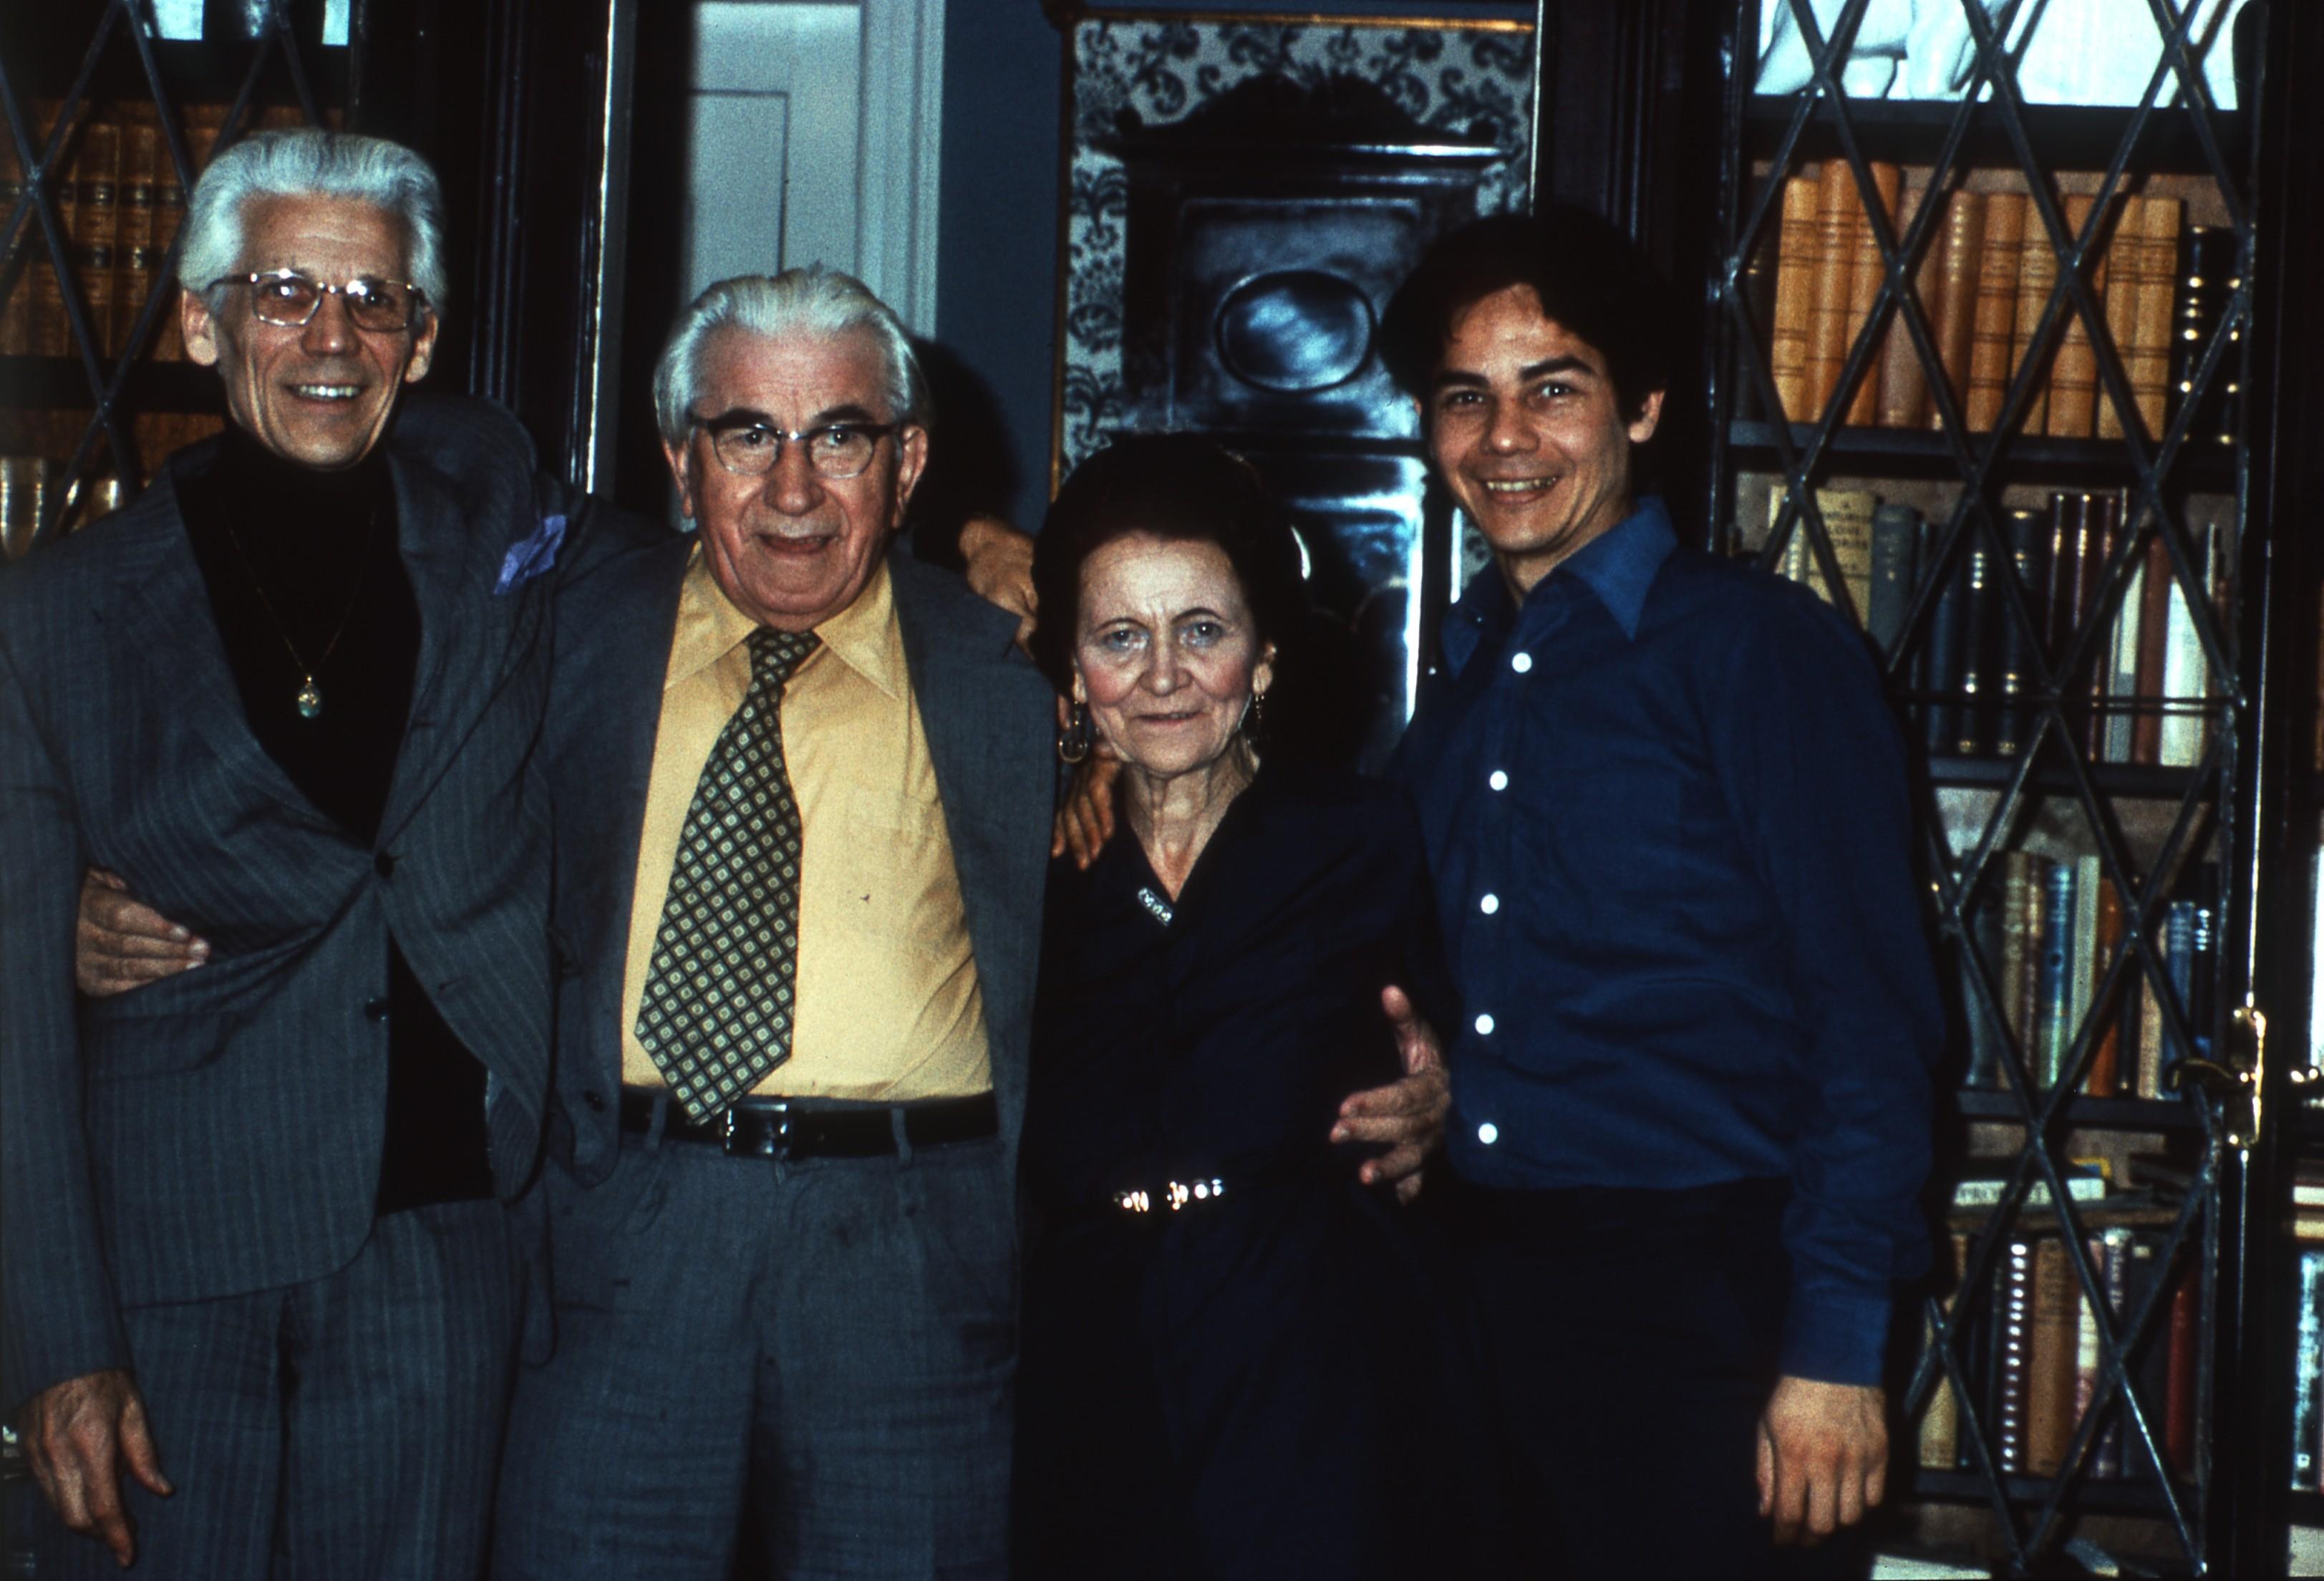 Martinus og Mischa besøger Elly og Per Thorelll. En intellektualiseret kristendom